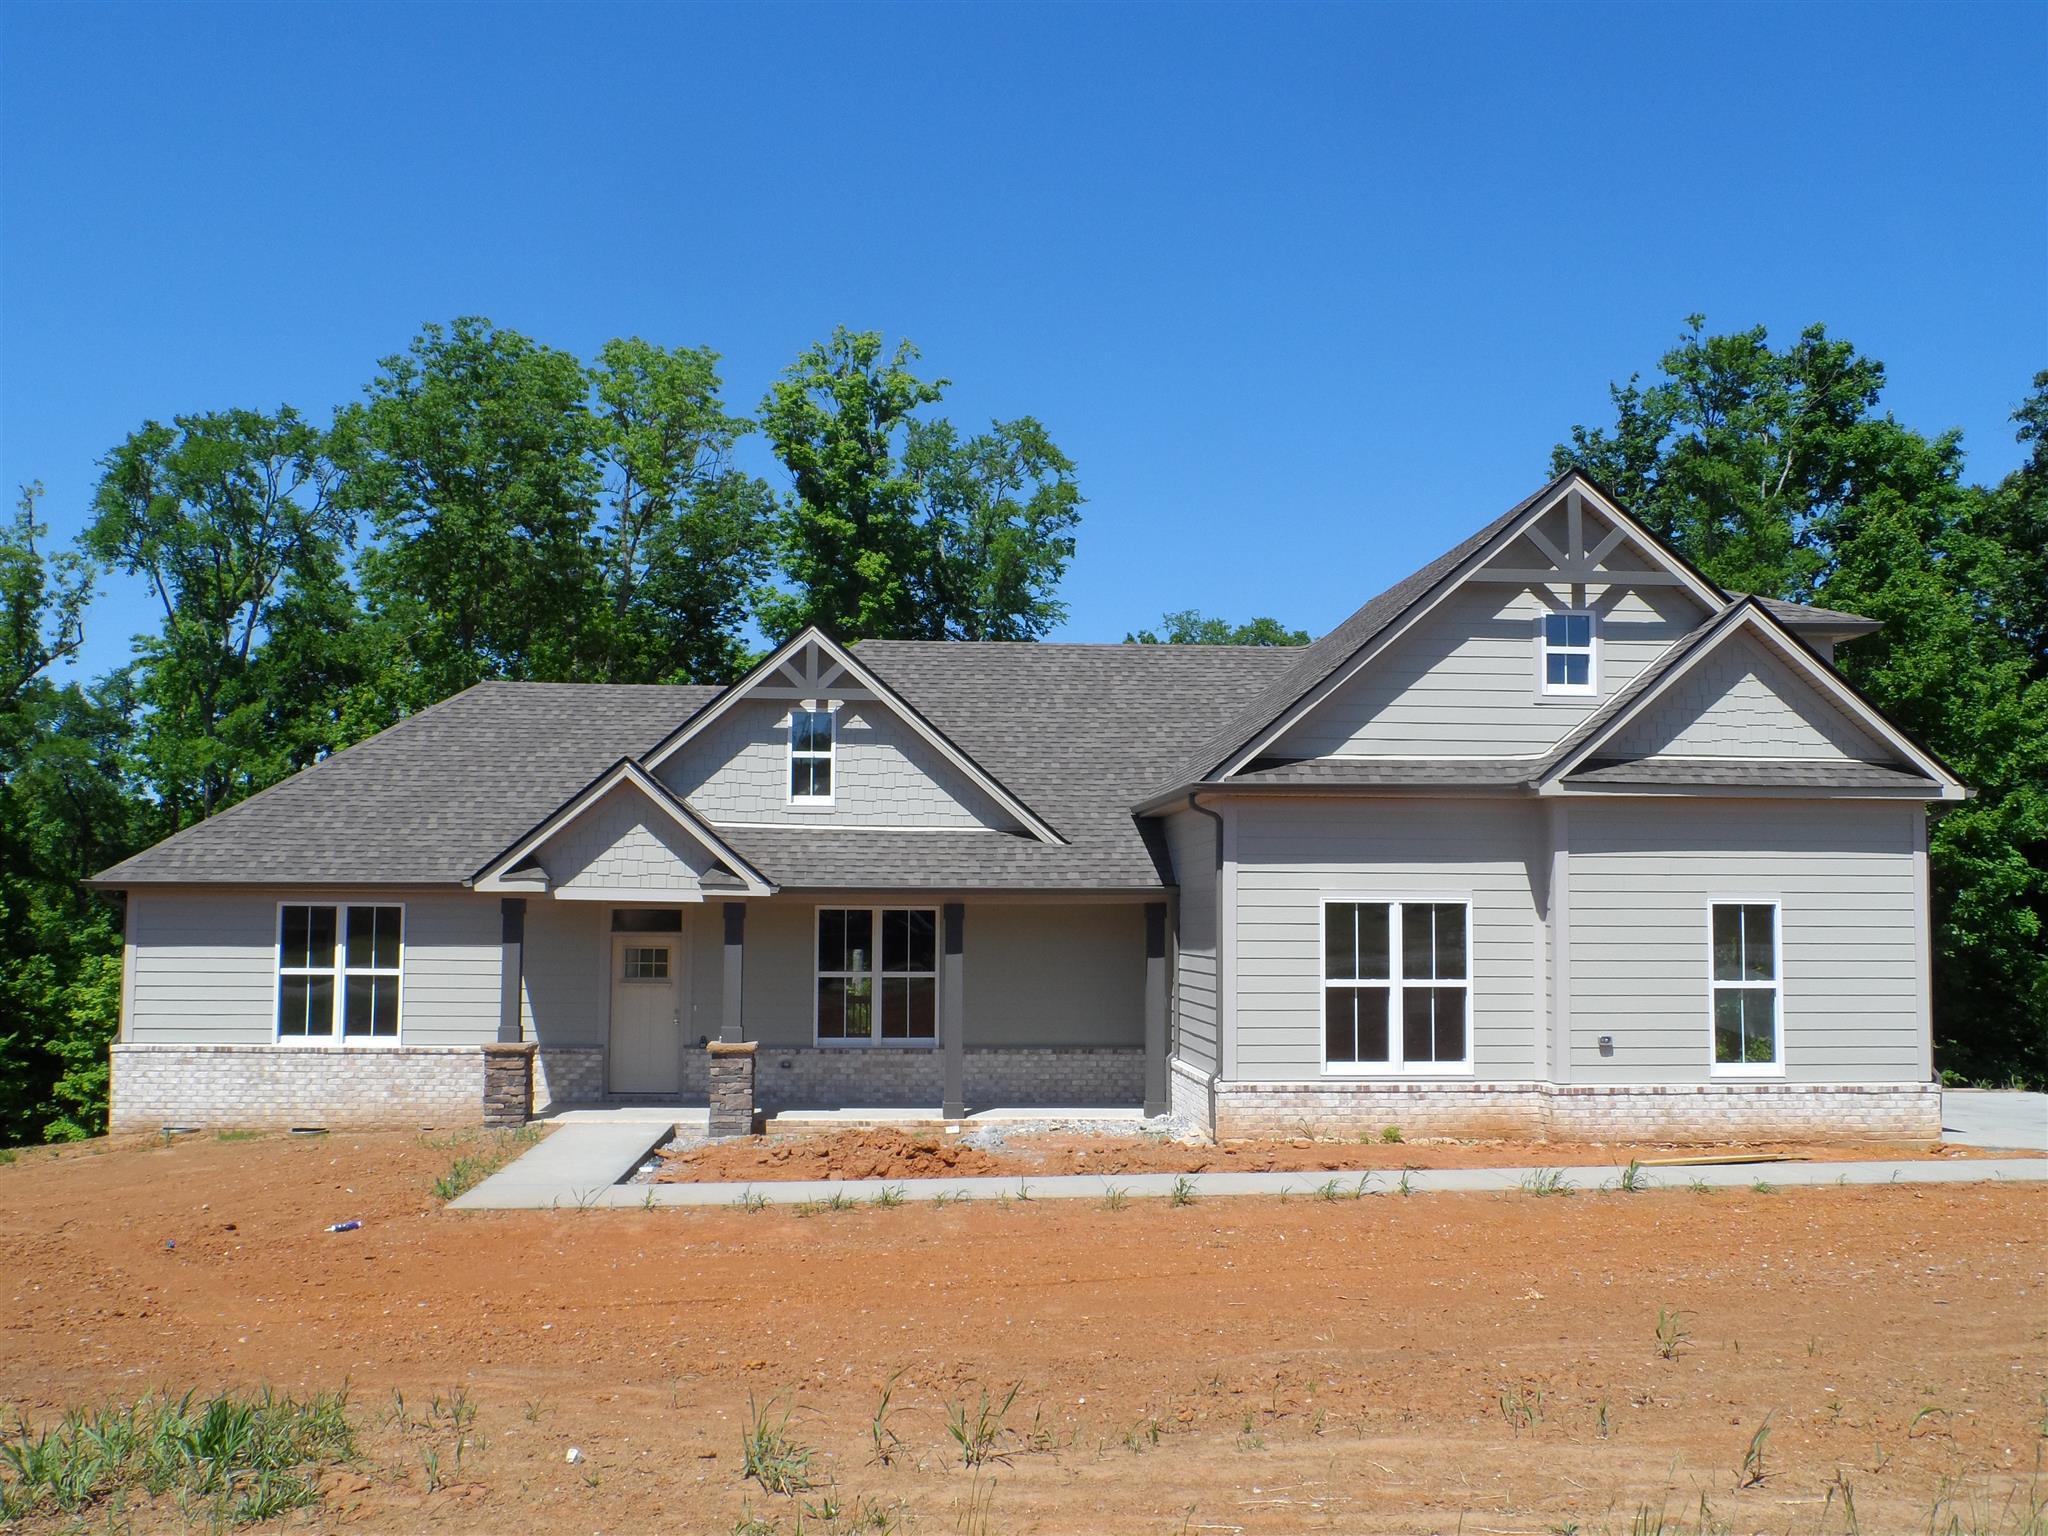 1725 Zevon Ct, Spring Hill, TN 37174